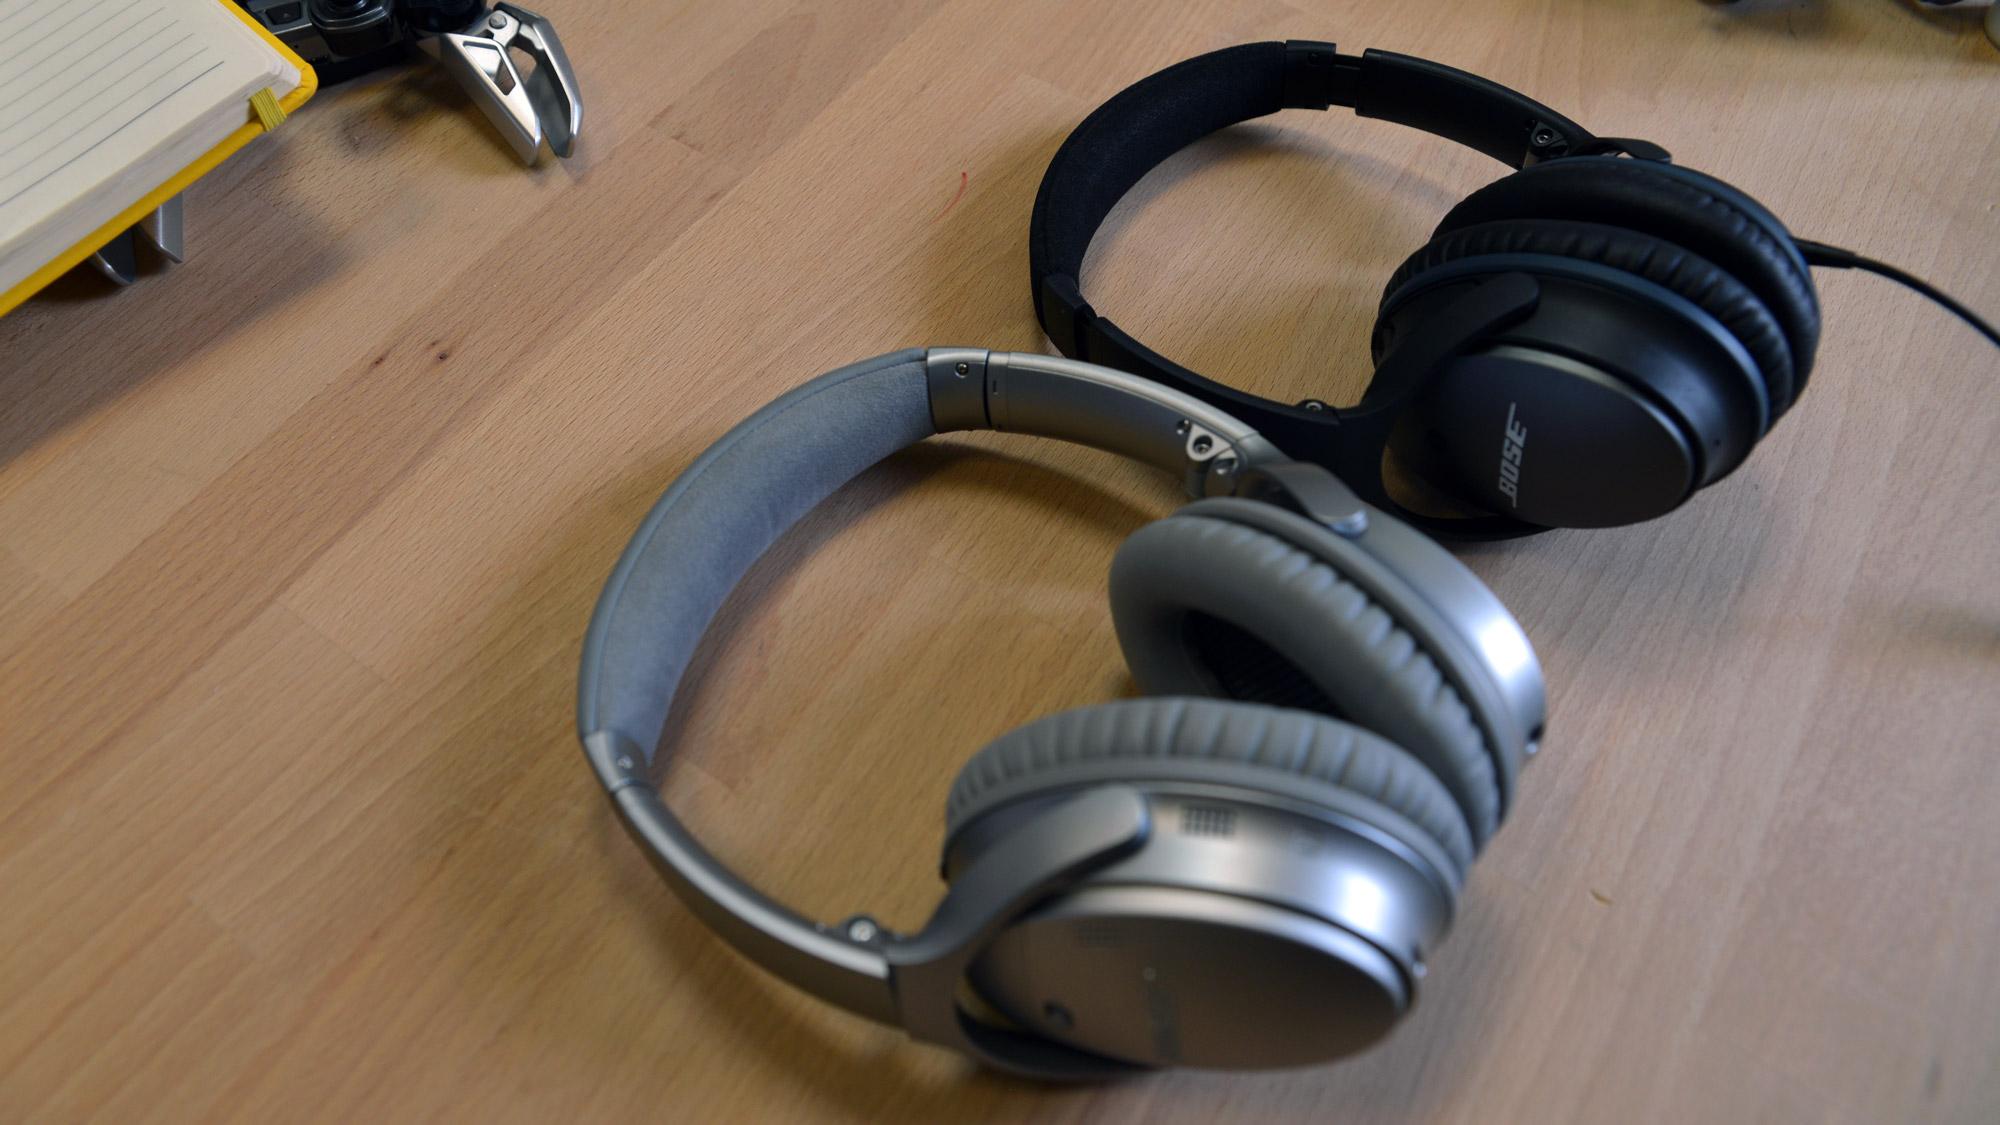 test du casque bose qc 35 la r duction de bruit au. Black Bedroom Furniture Sets. Home Design Ideas